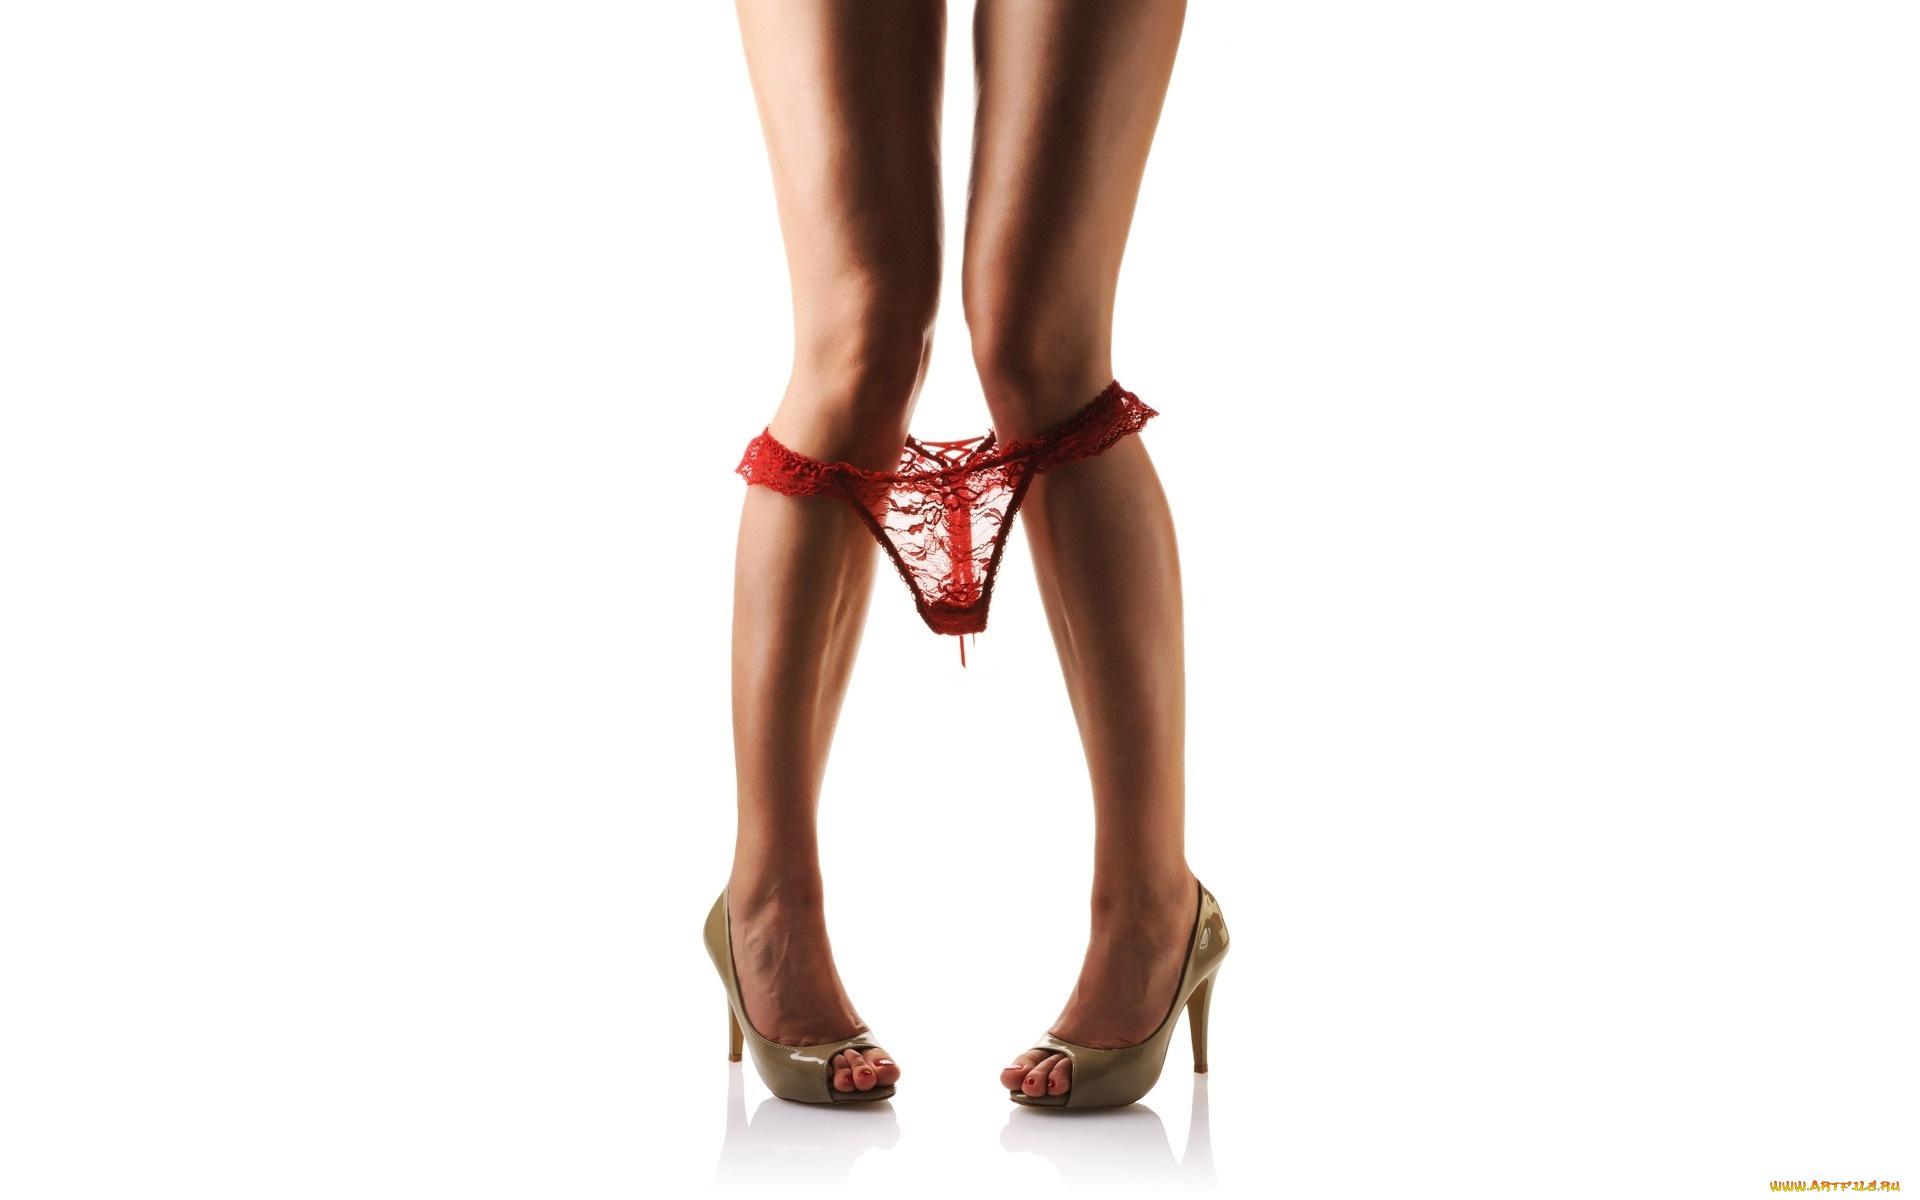 снял женские ножки